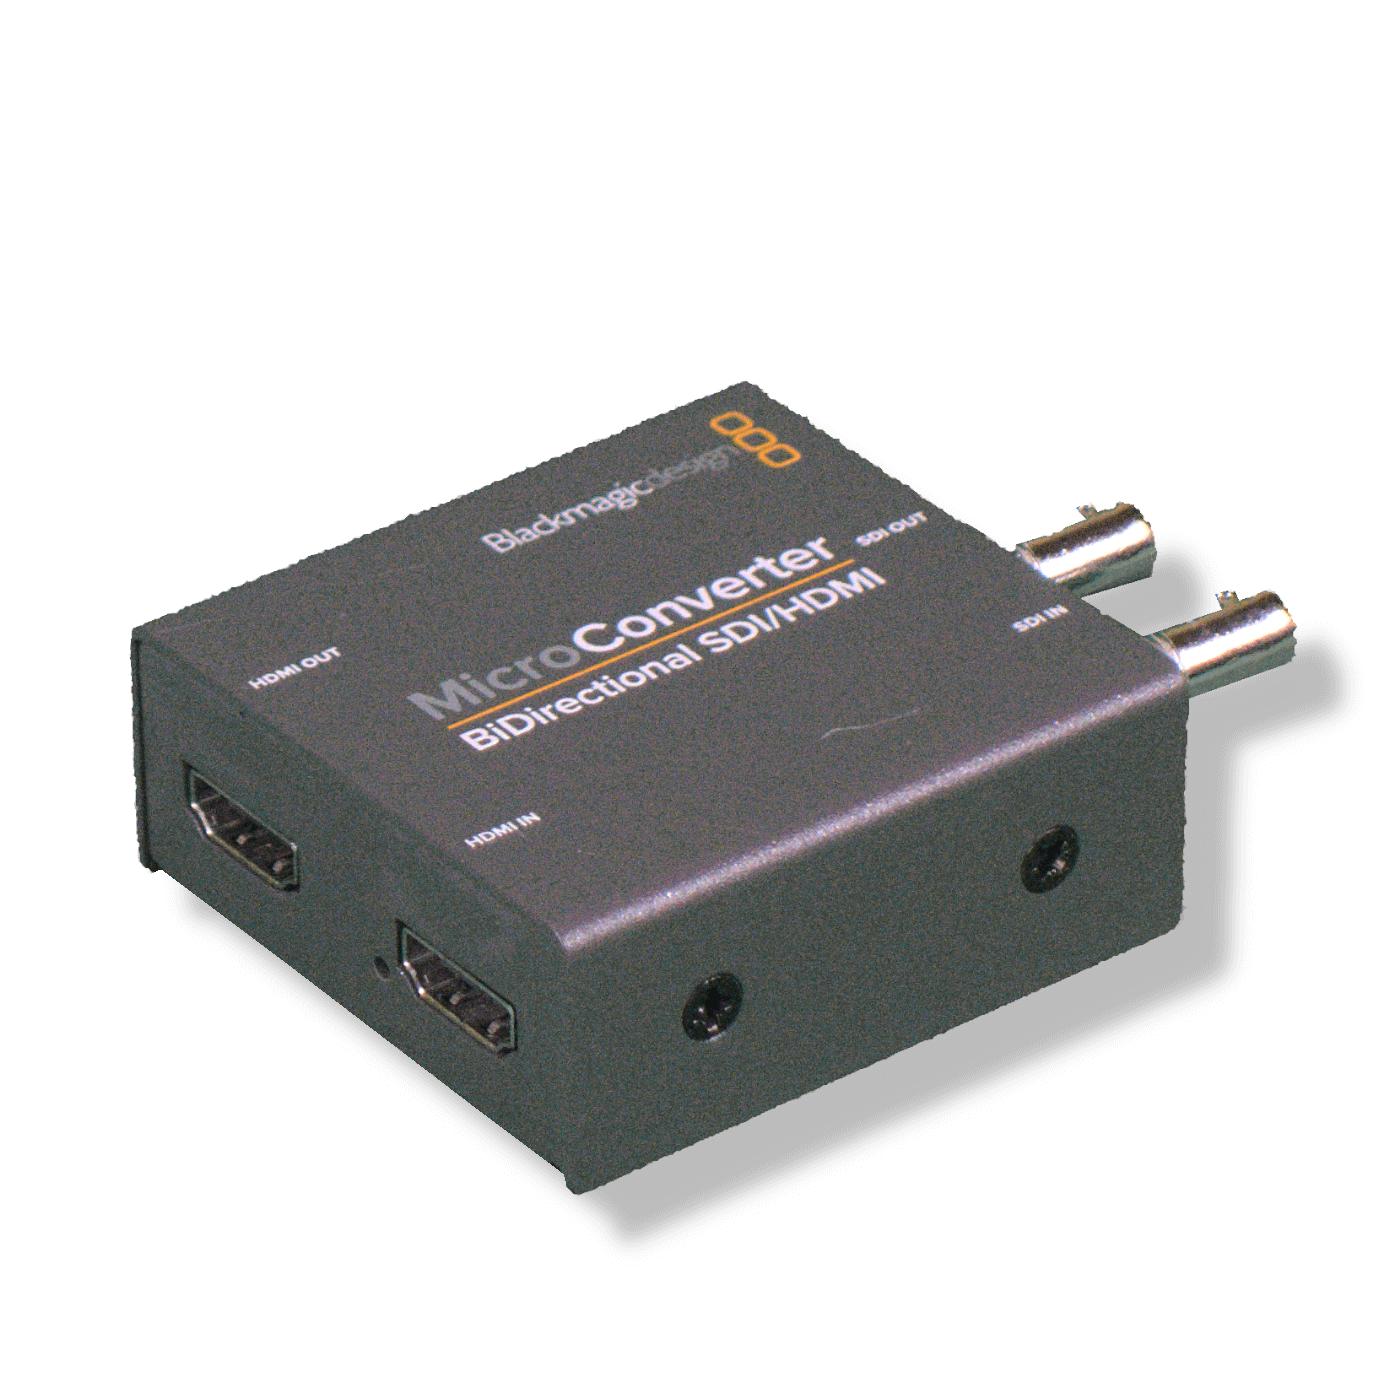 HDMI SDI